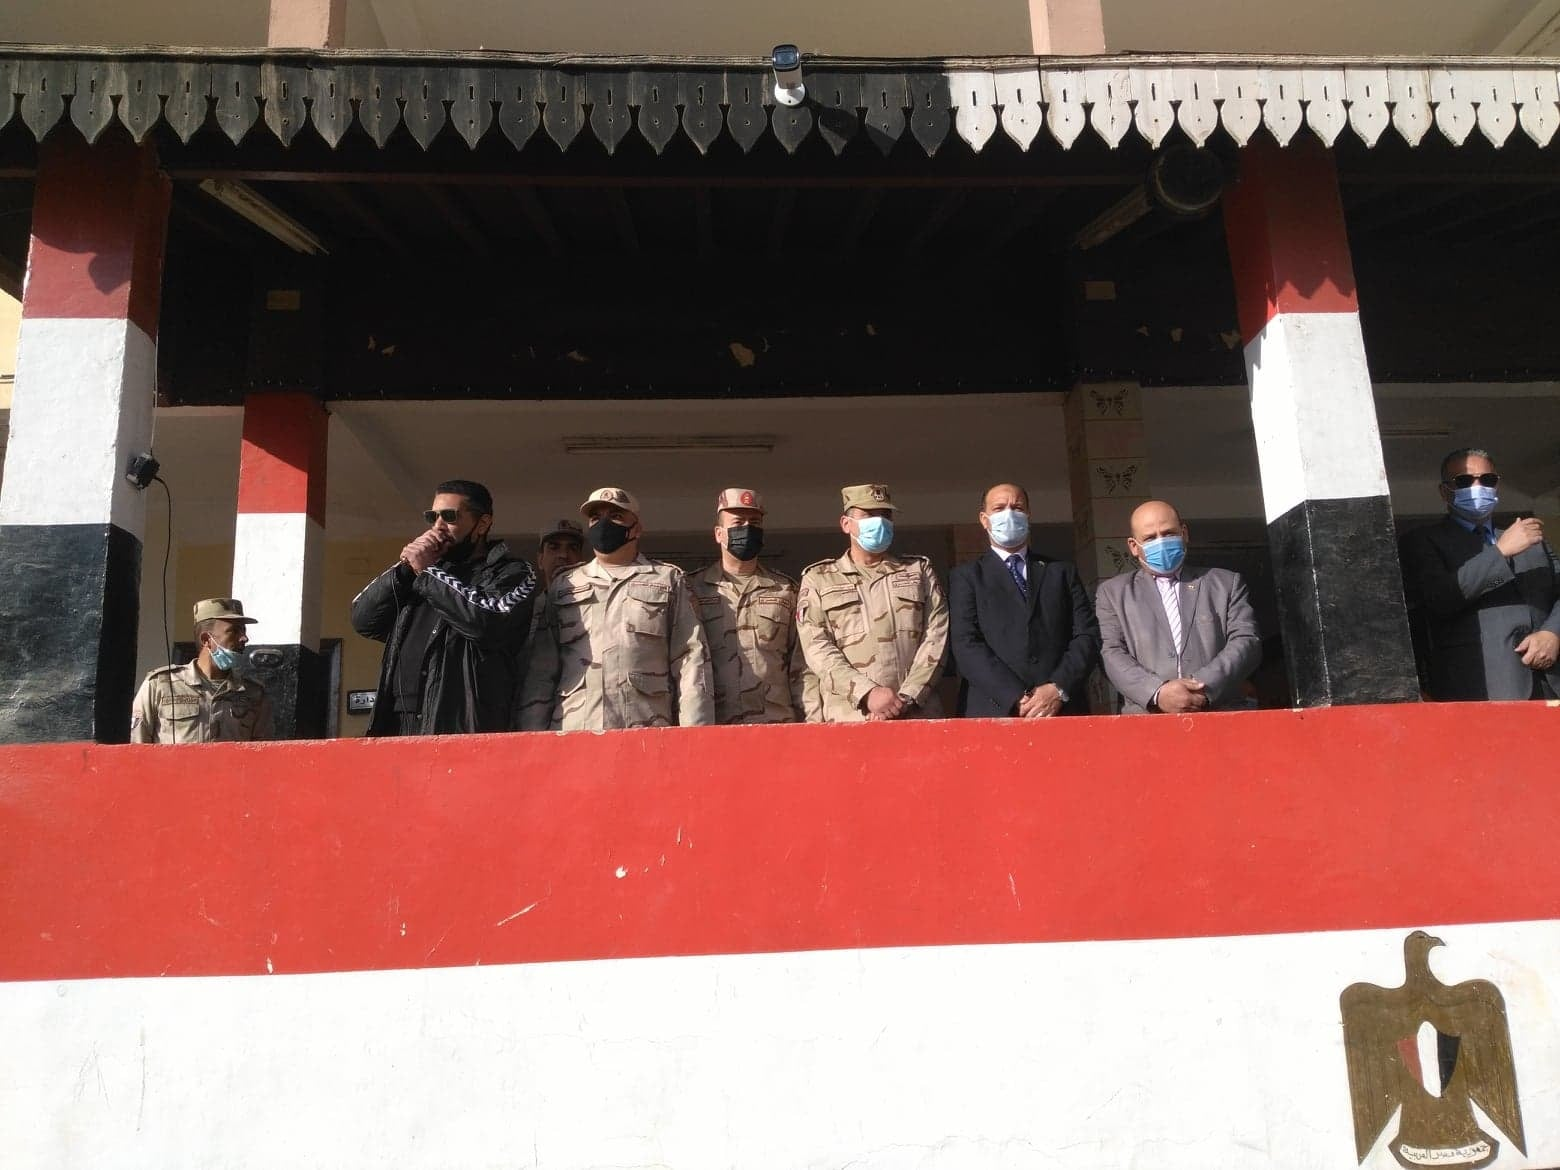 تعليم سوهاج: تقديم كل أوجه الدعم للمدارس العسكرية بما يخدم العملية التعليمية والطلاب